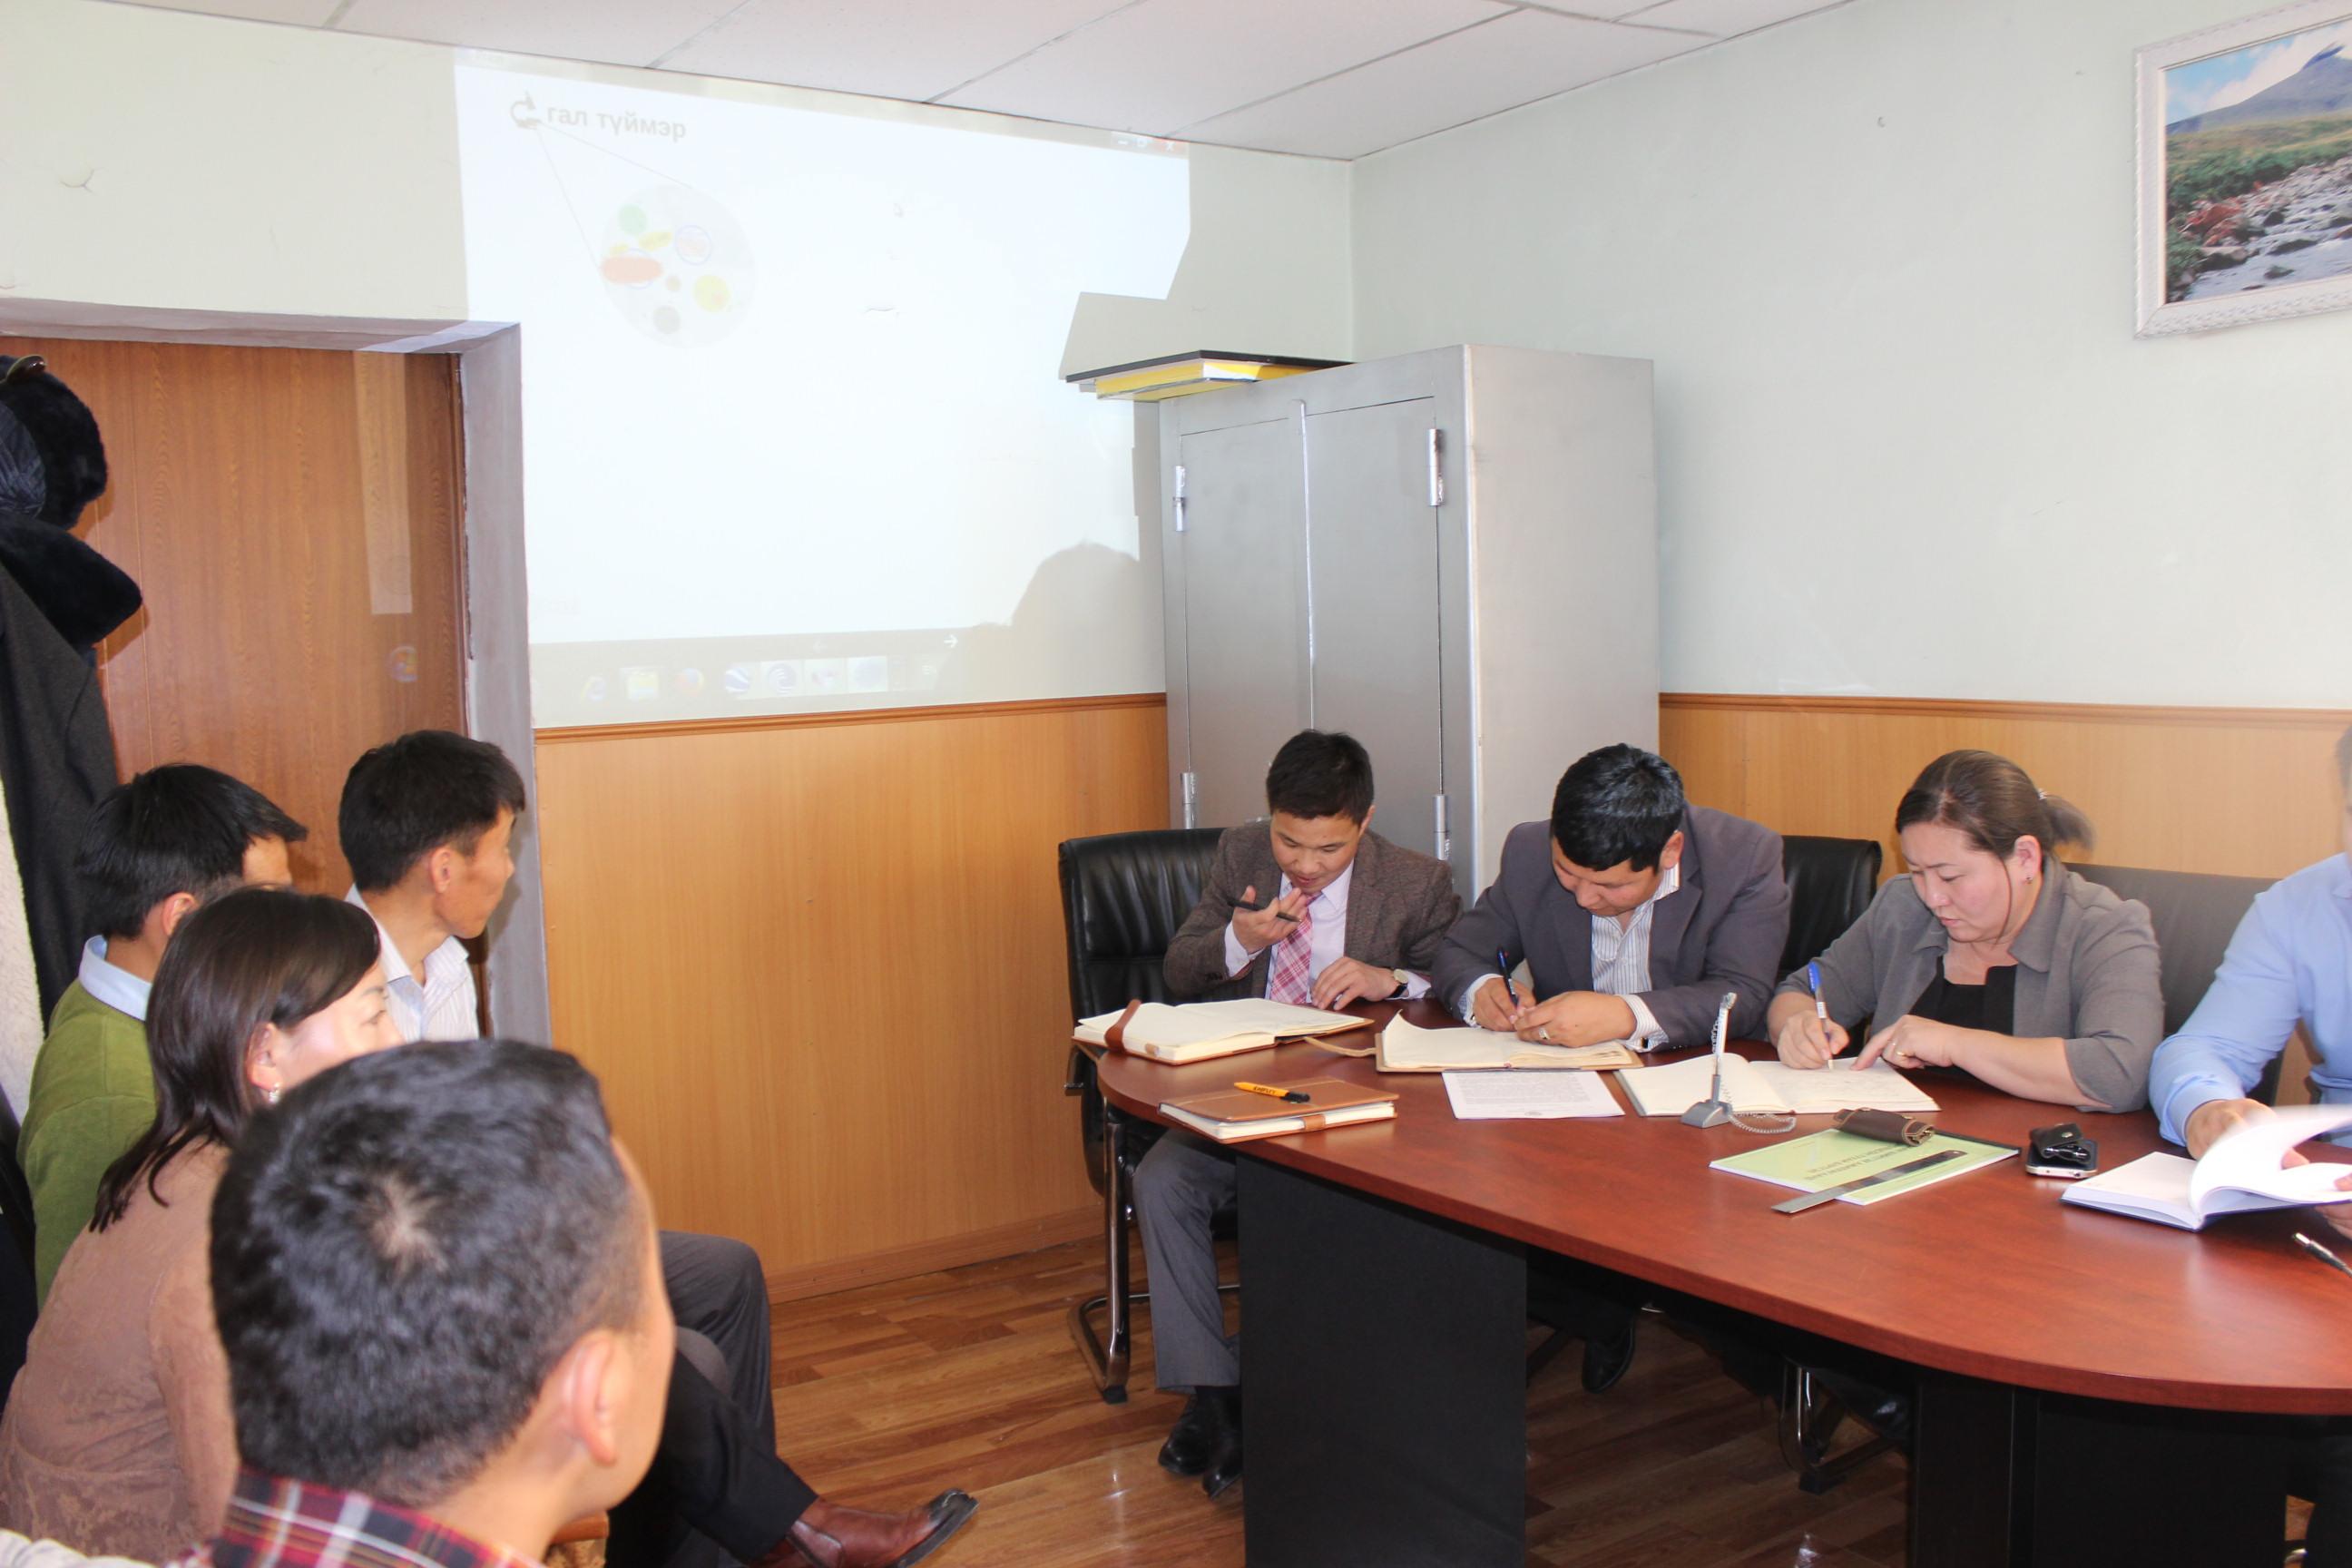 Өвөрхангай аймгийн Прокурорын газар галын аюулгүй байдал сэдэвт сургалт зохион байгуулав